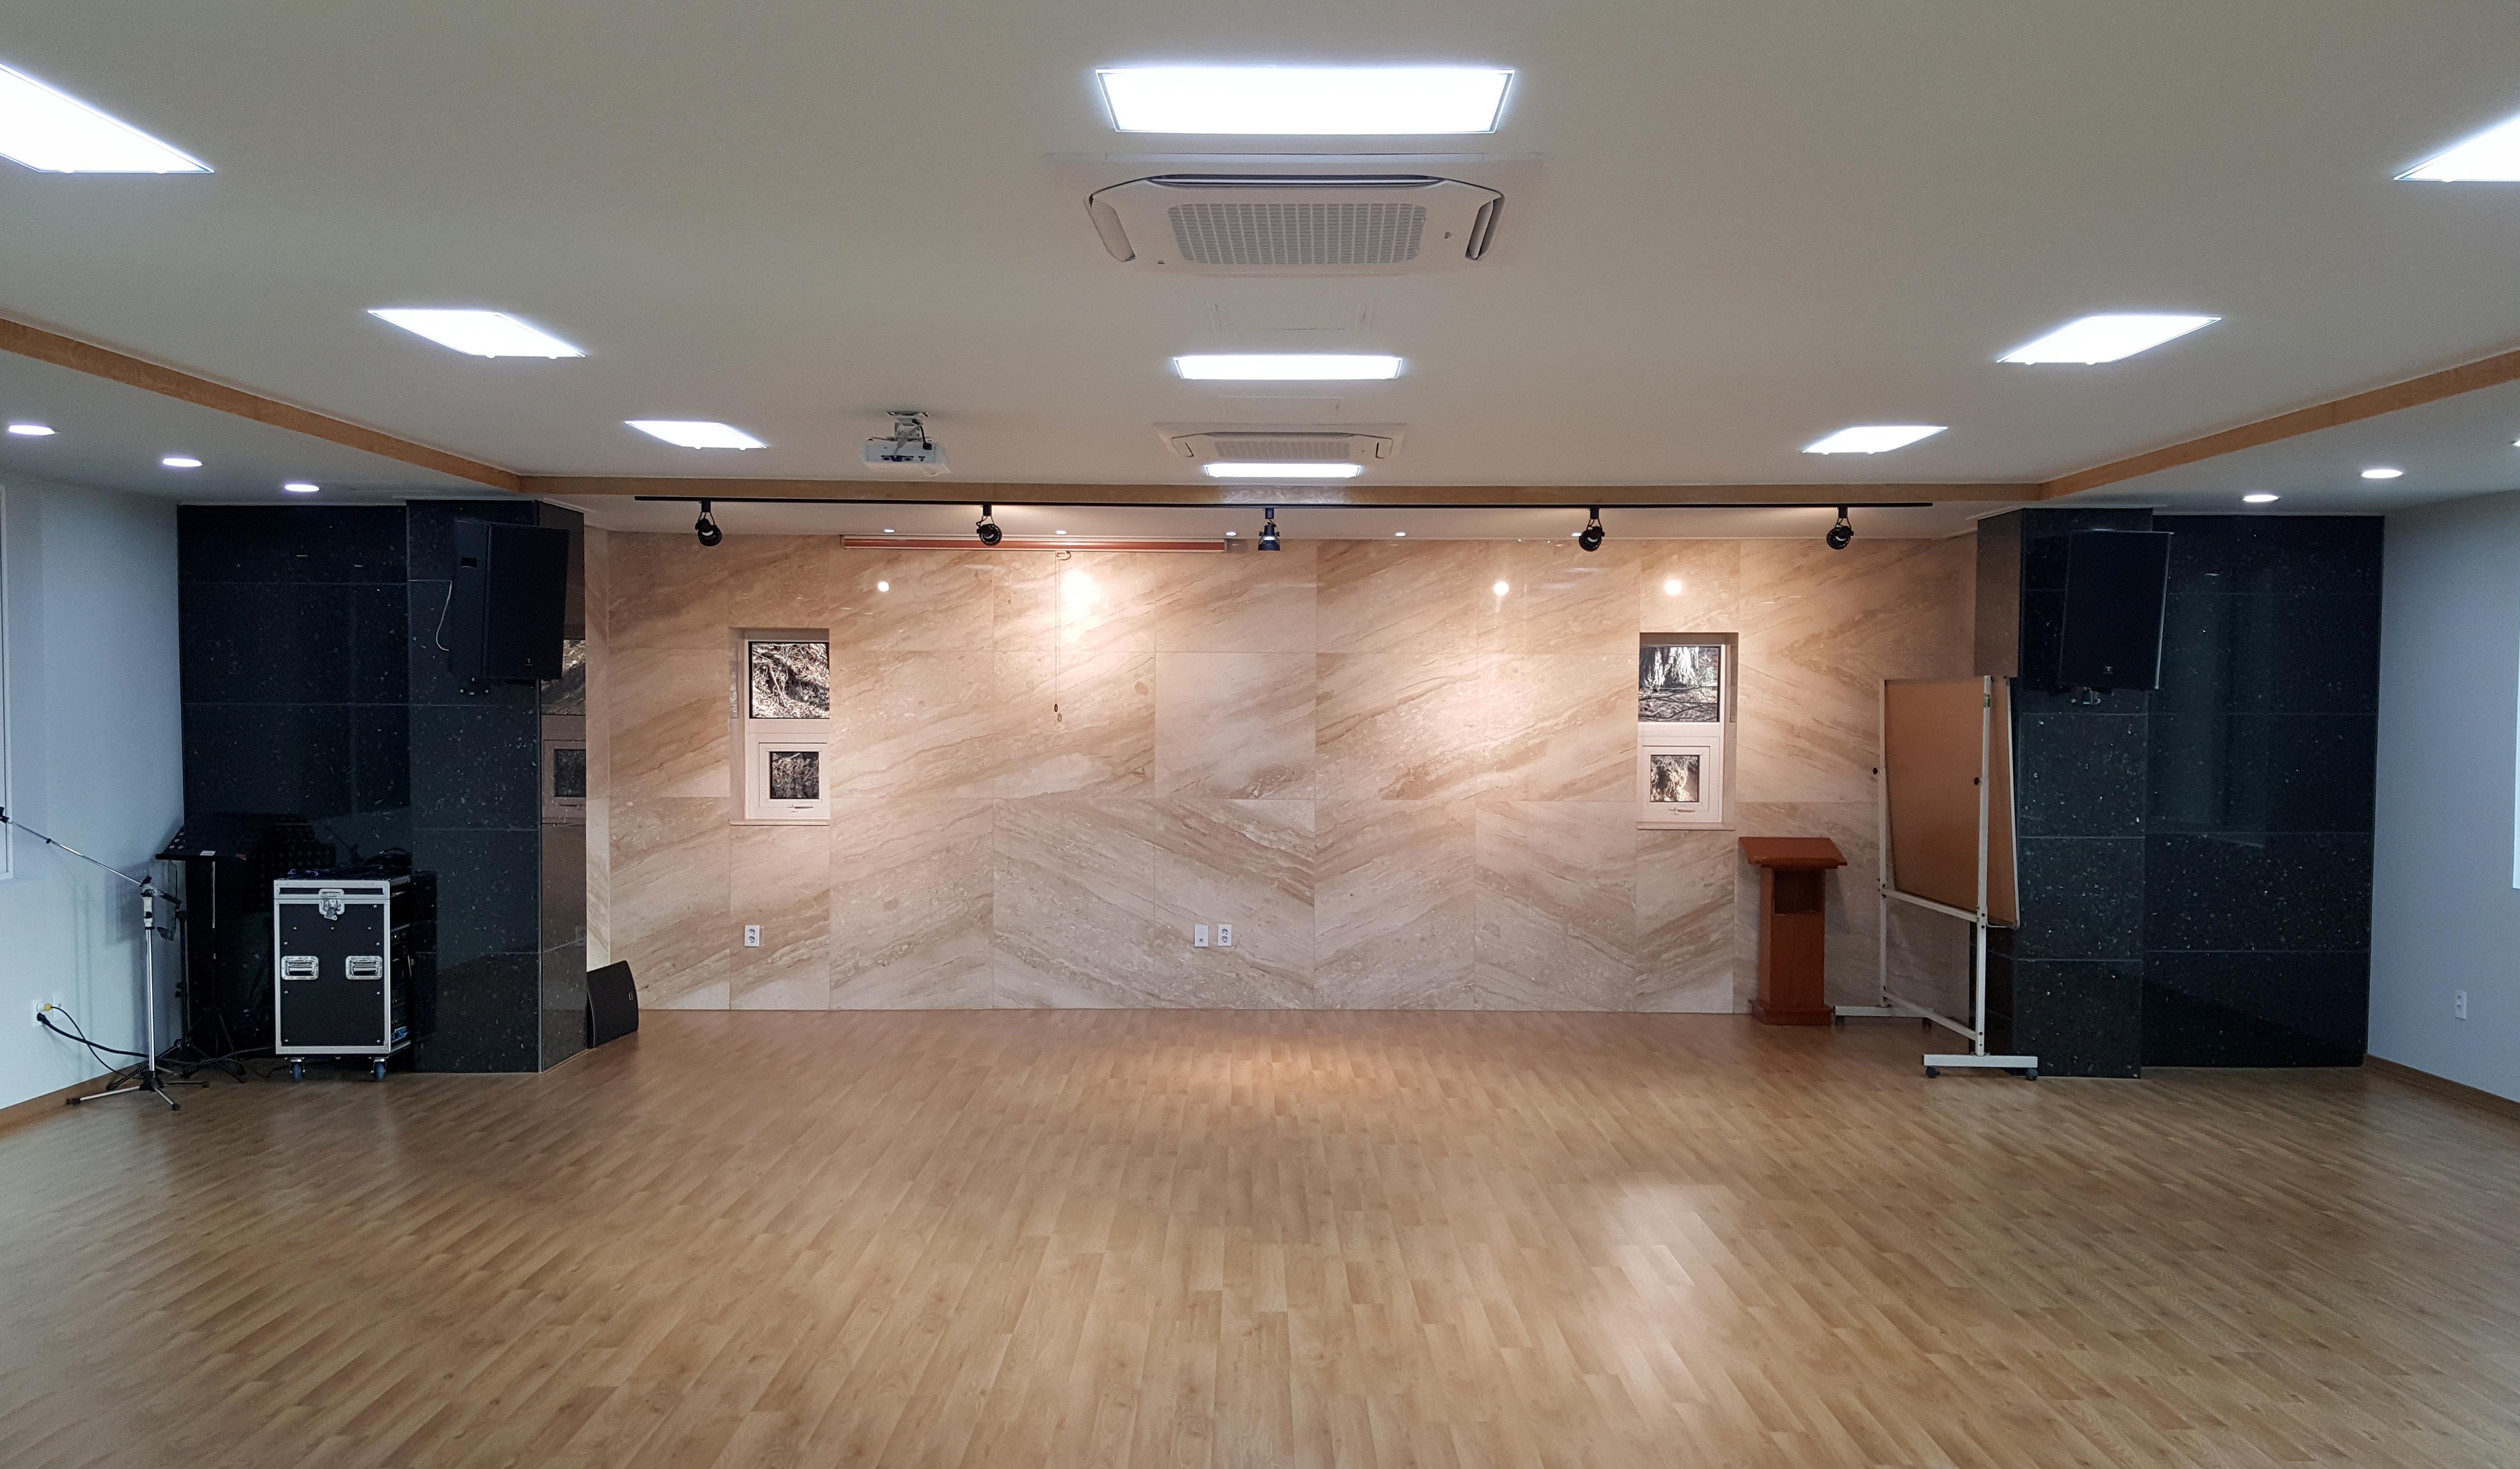 단풍나무관 1층 예배실정면